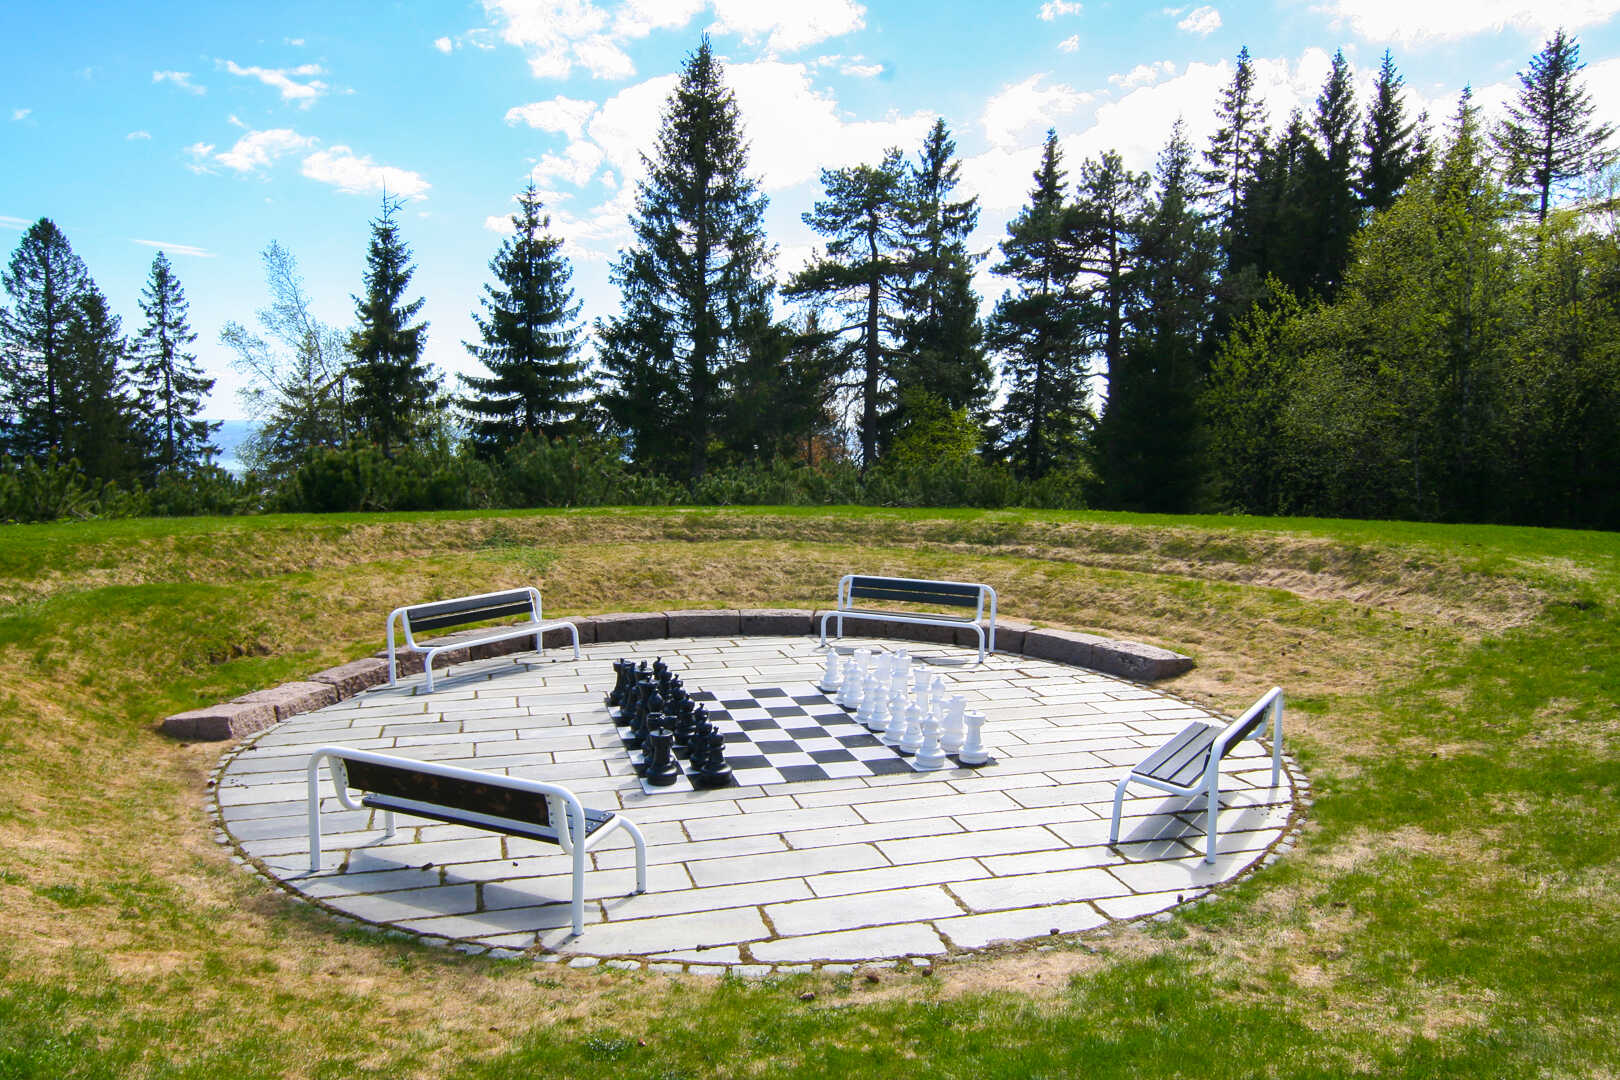 Utendørs sjakk ved Voksenåsen